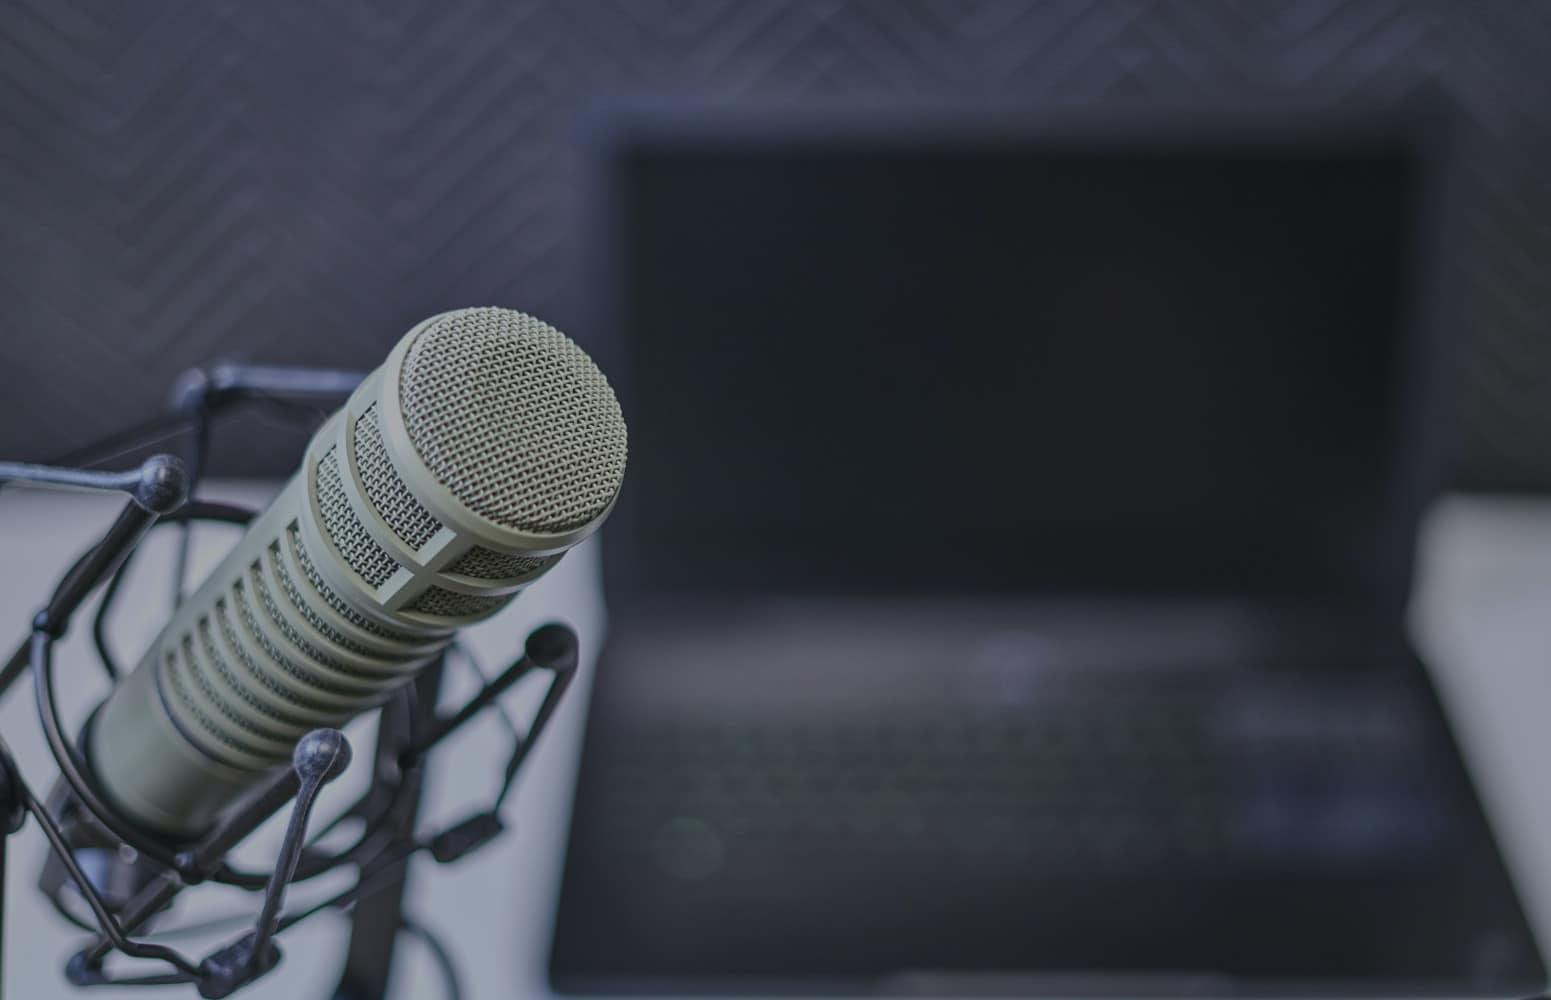 ICYMI: December Podcast Roundup